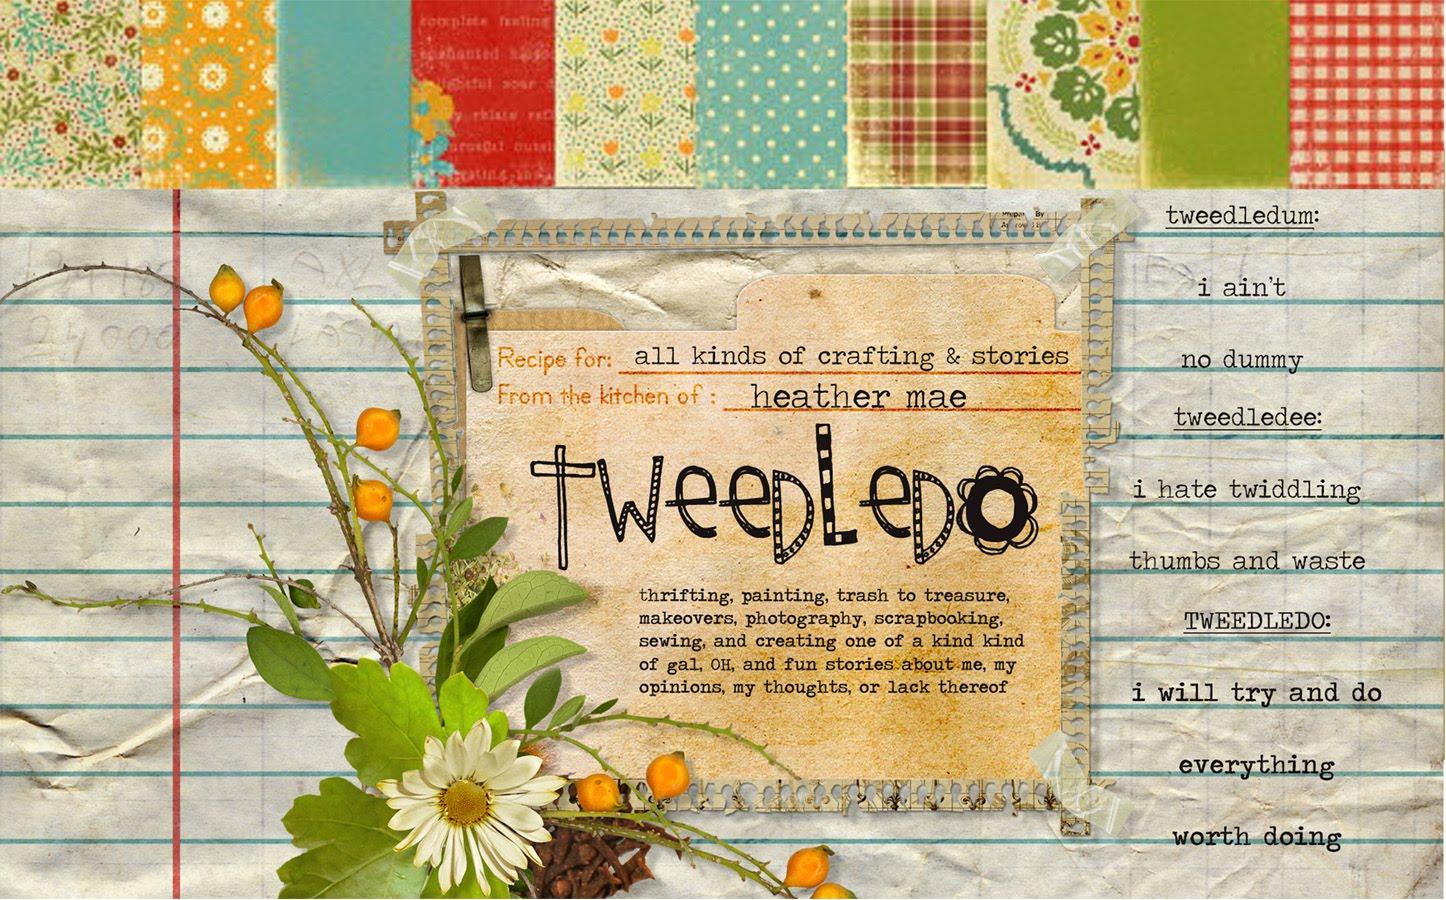 Tweedledo